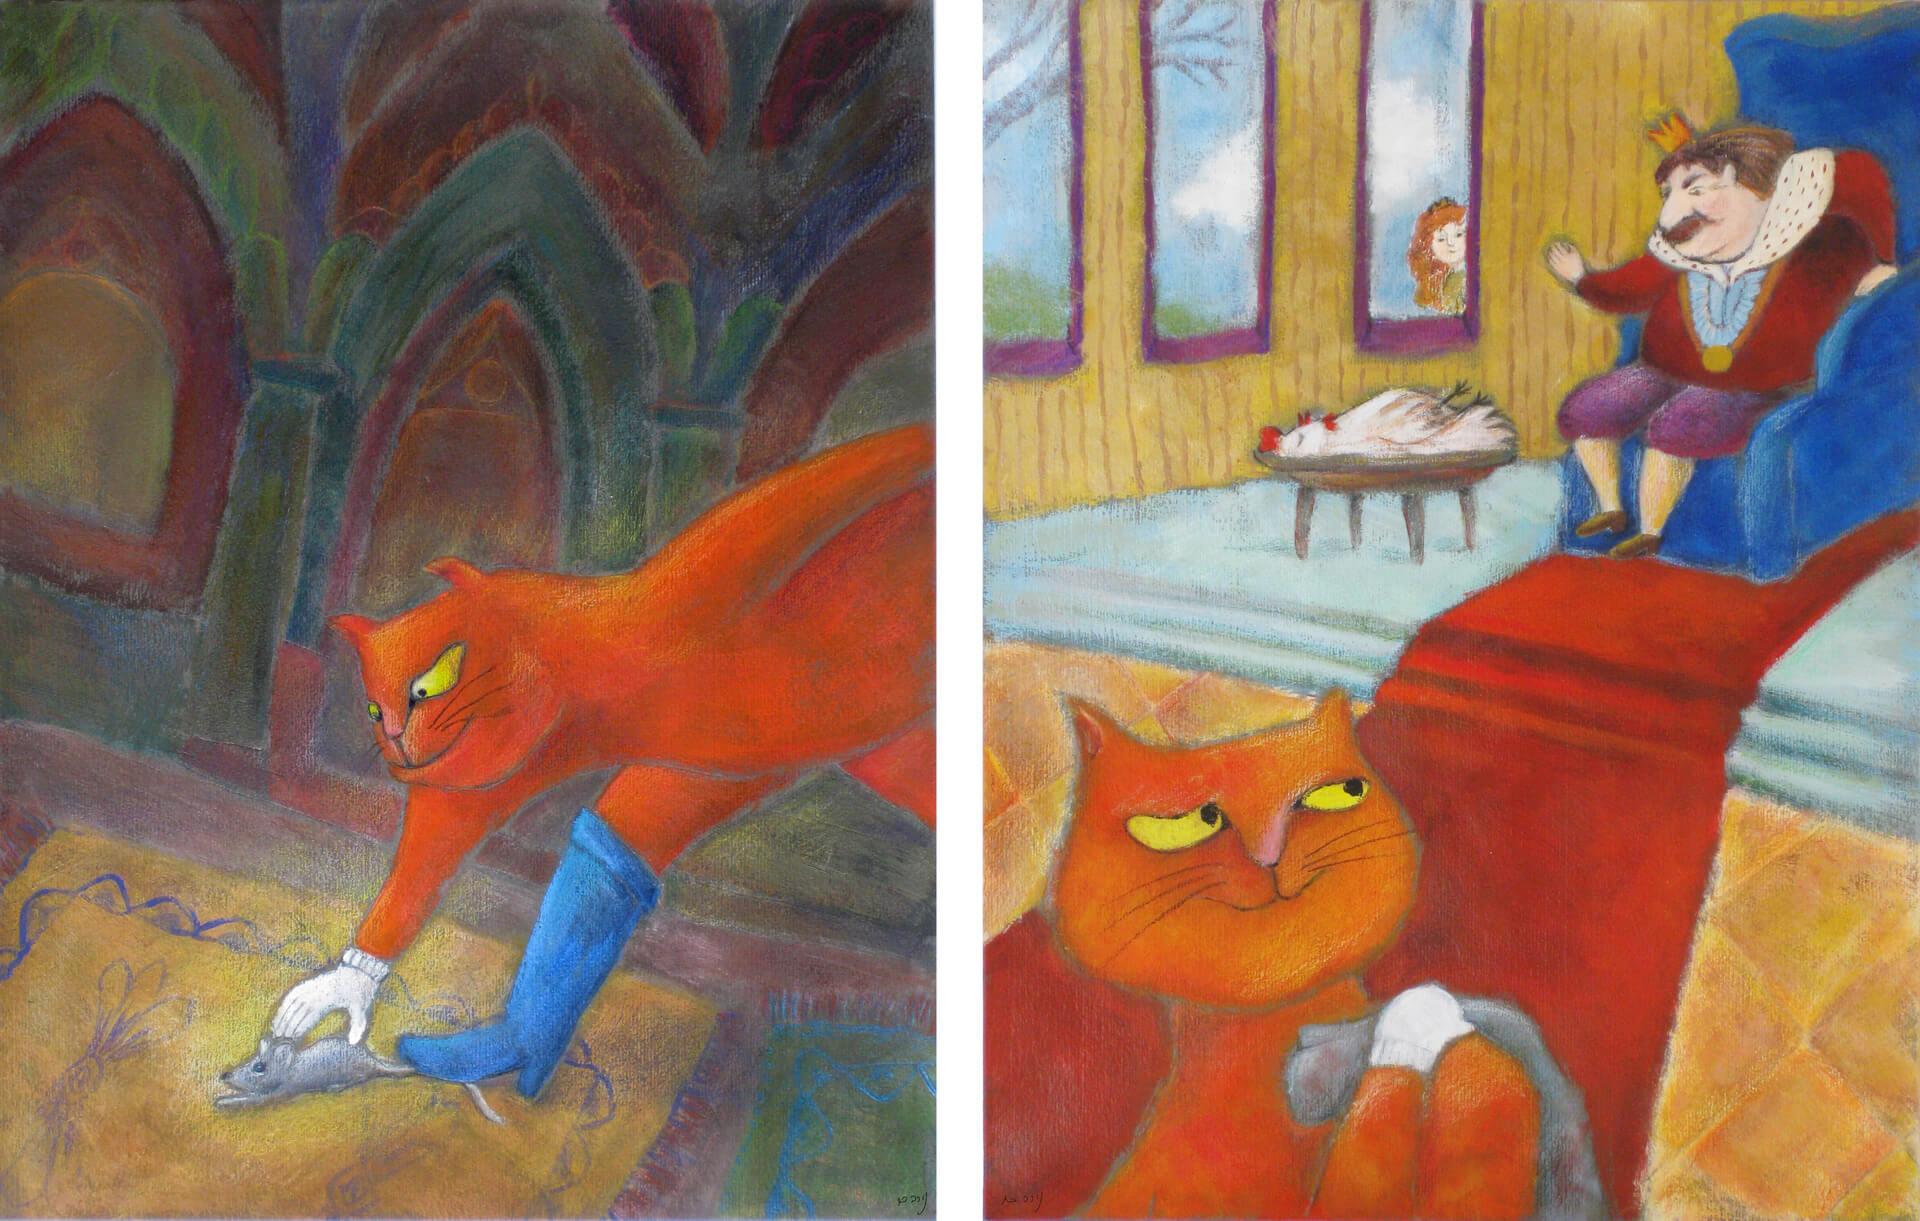 חתול במגפיים - איורים 2 - 3